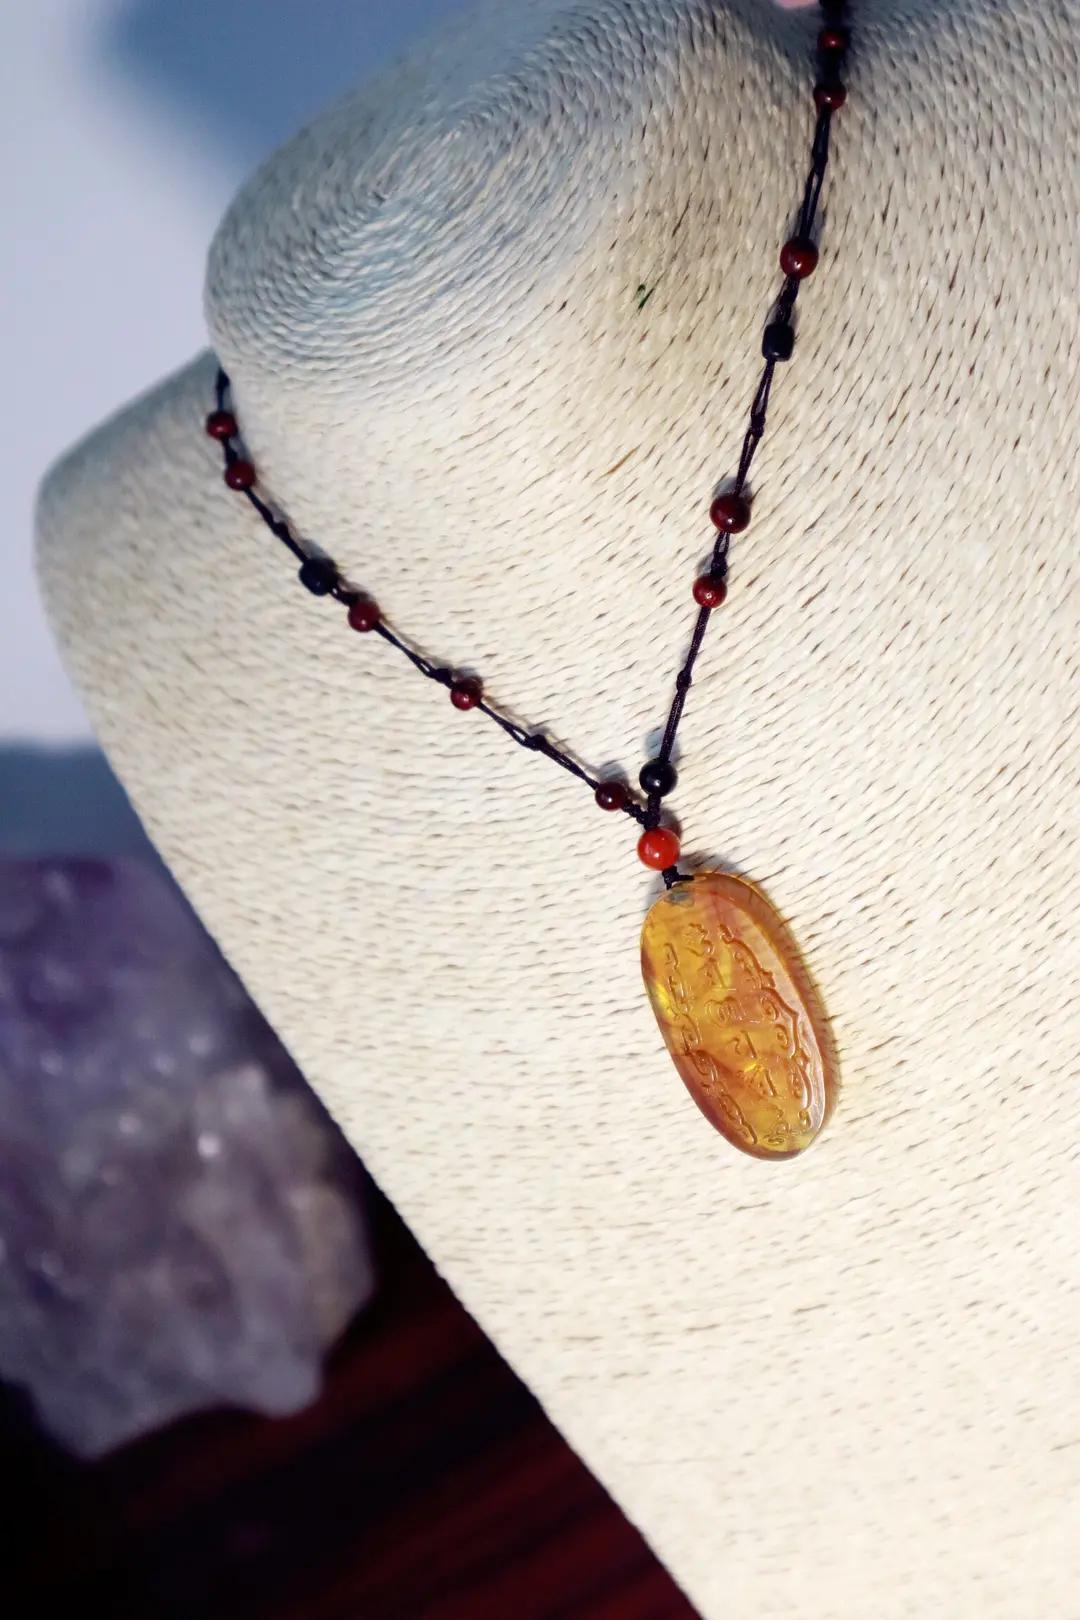 女人长期佩戴琥珀原石有什么功效和作用,必知!-第6张图片